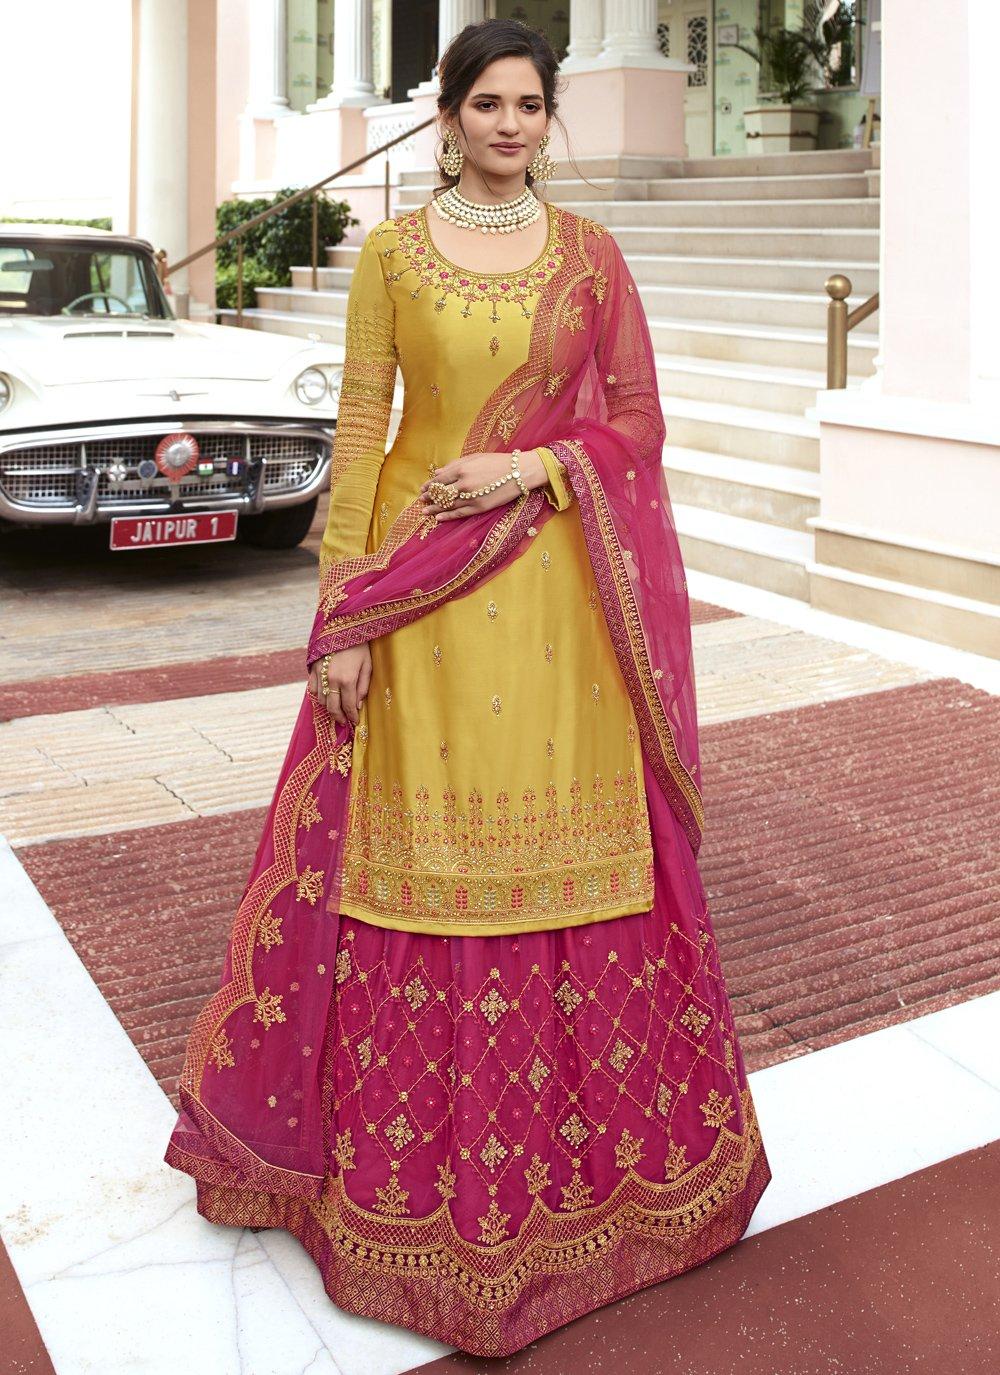 Hot Pink and Mustard Sangeet Designer Long Lehenga Choli